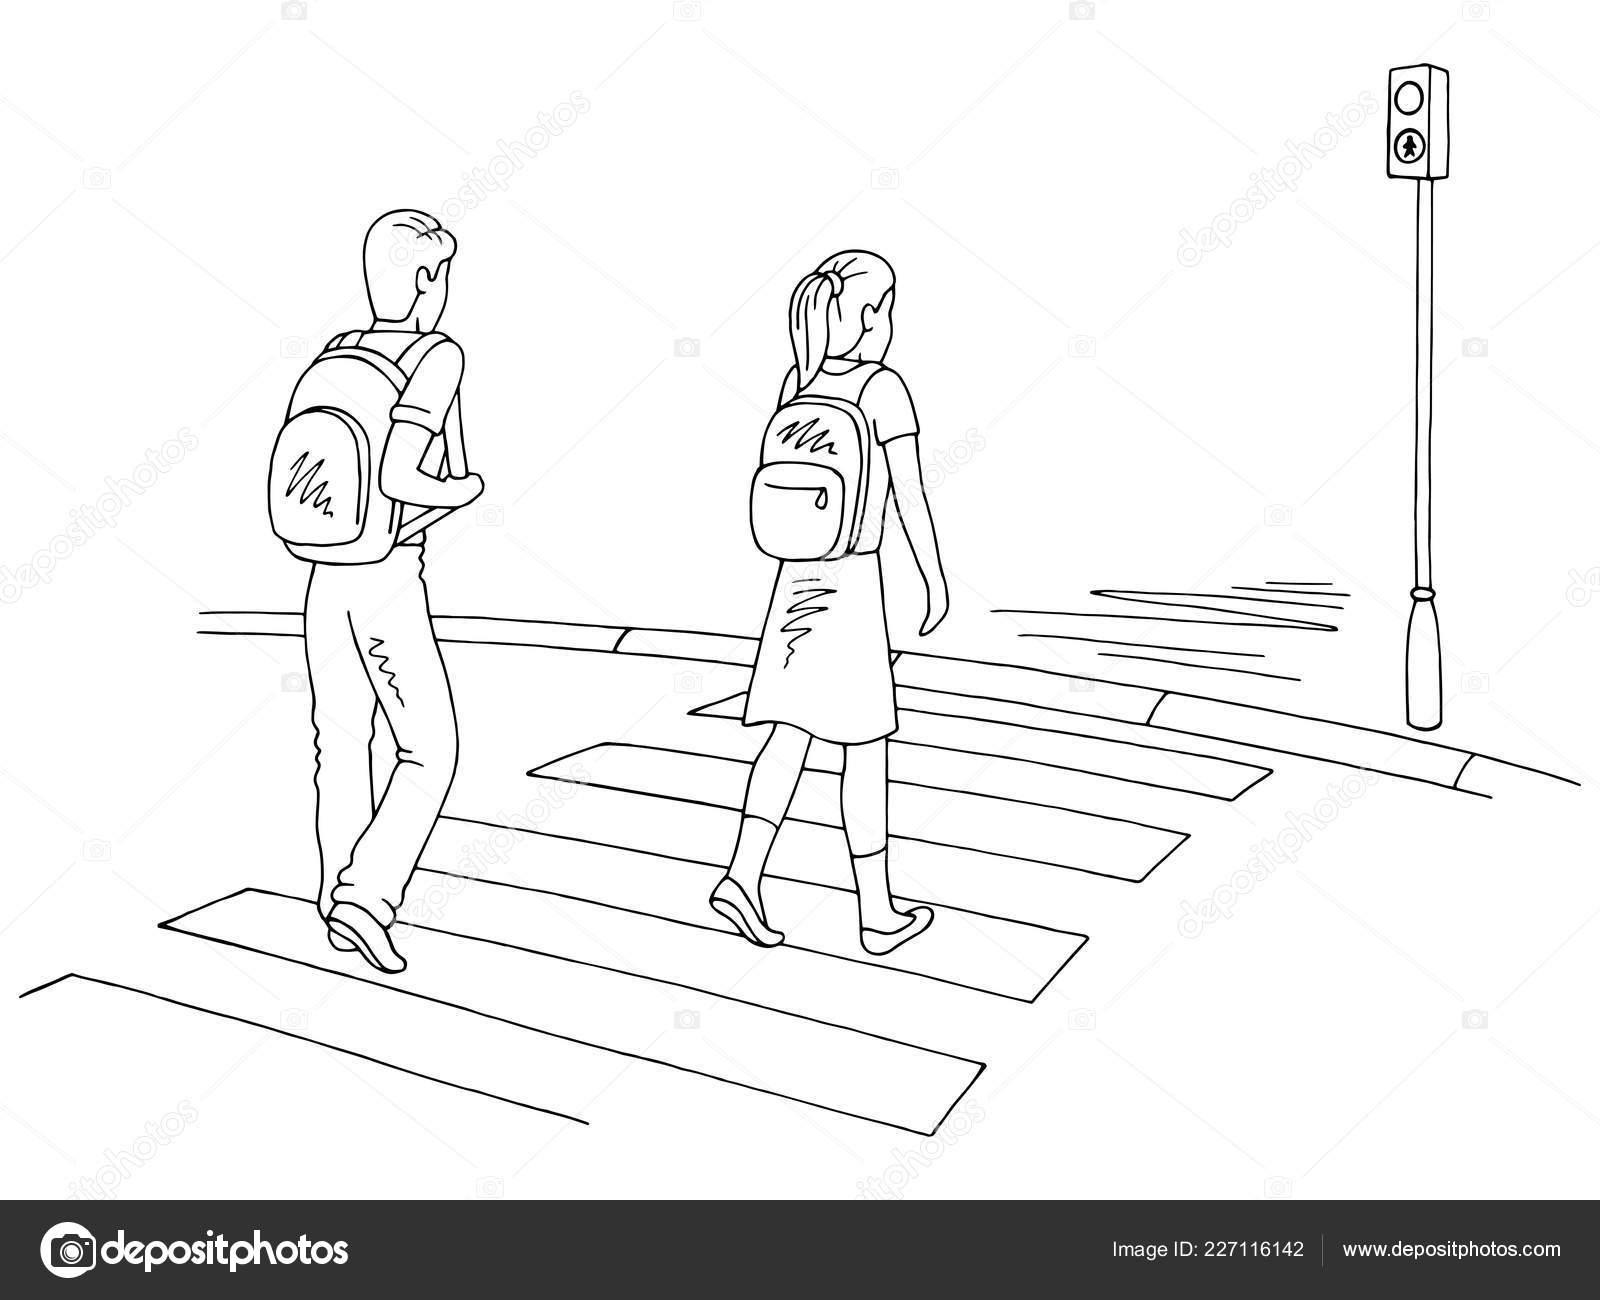 Ninos Caminando Calle Blanco Negro Grafico Paso Peatones